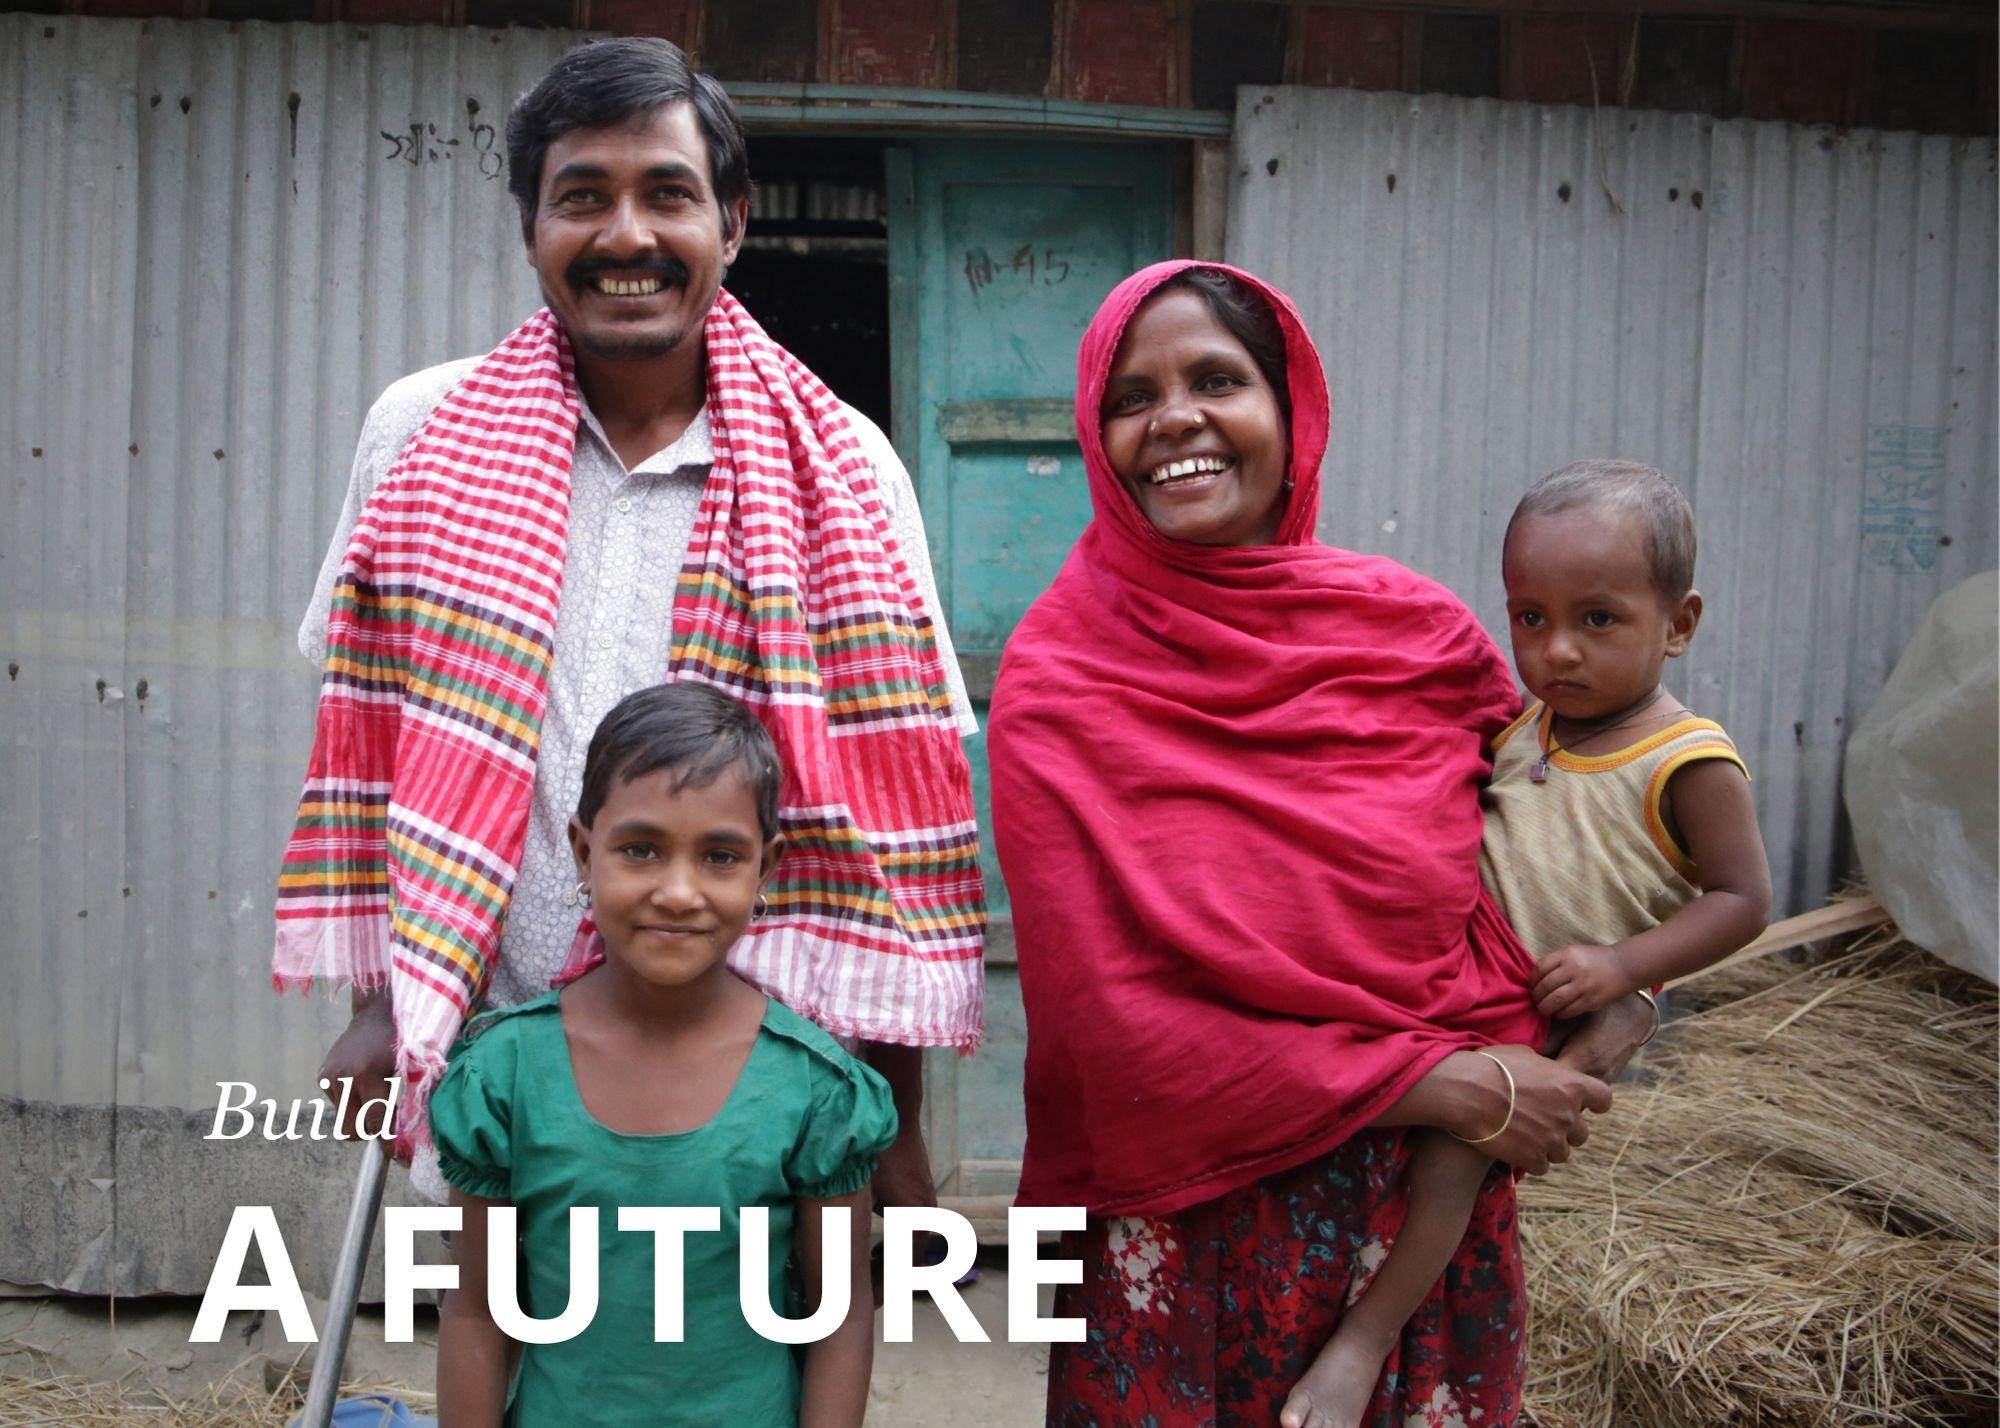 Build a future